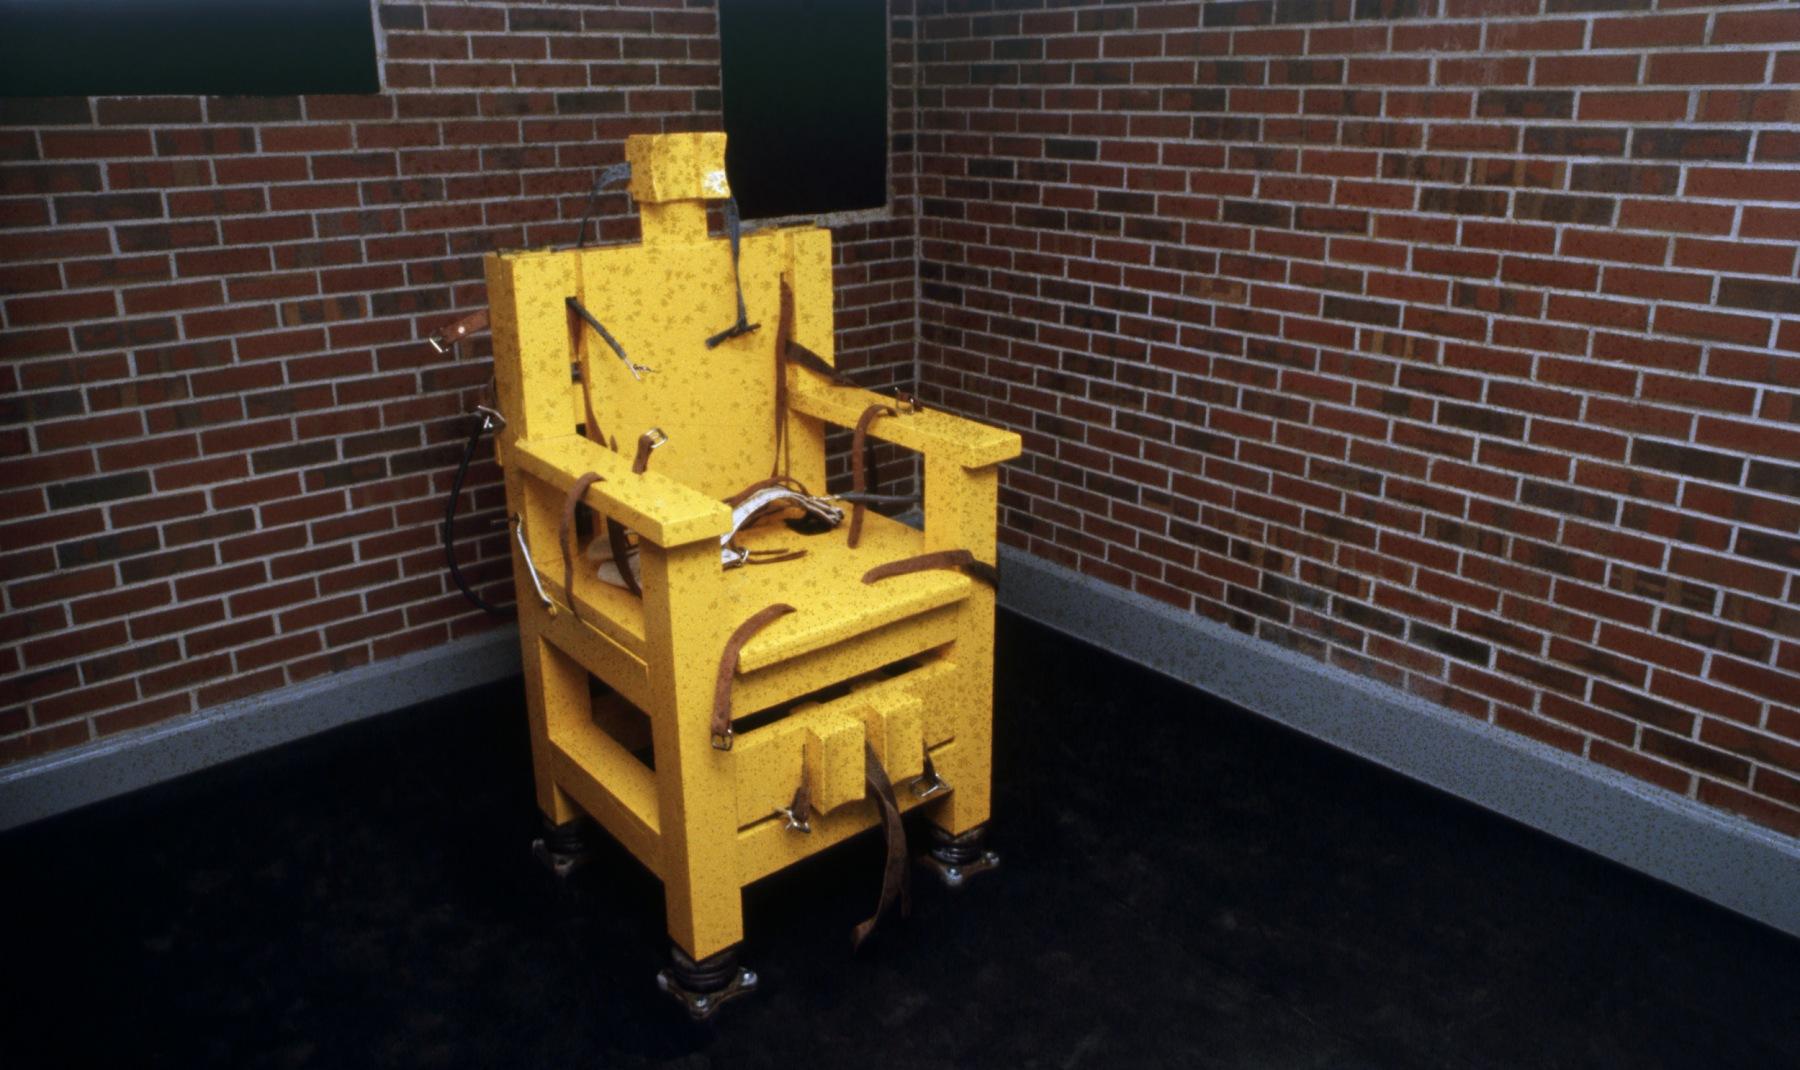 holman-prison-electric-chair.jpg